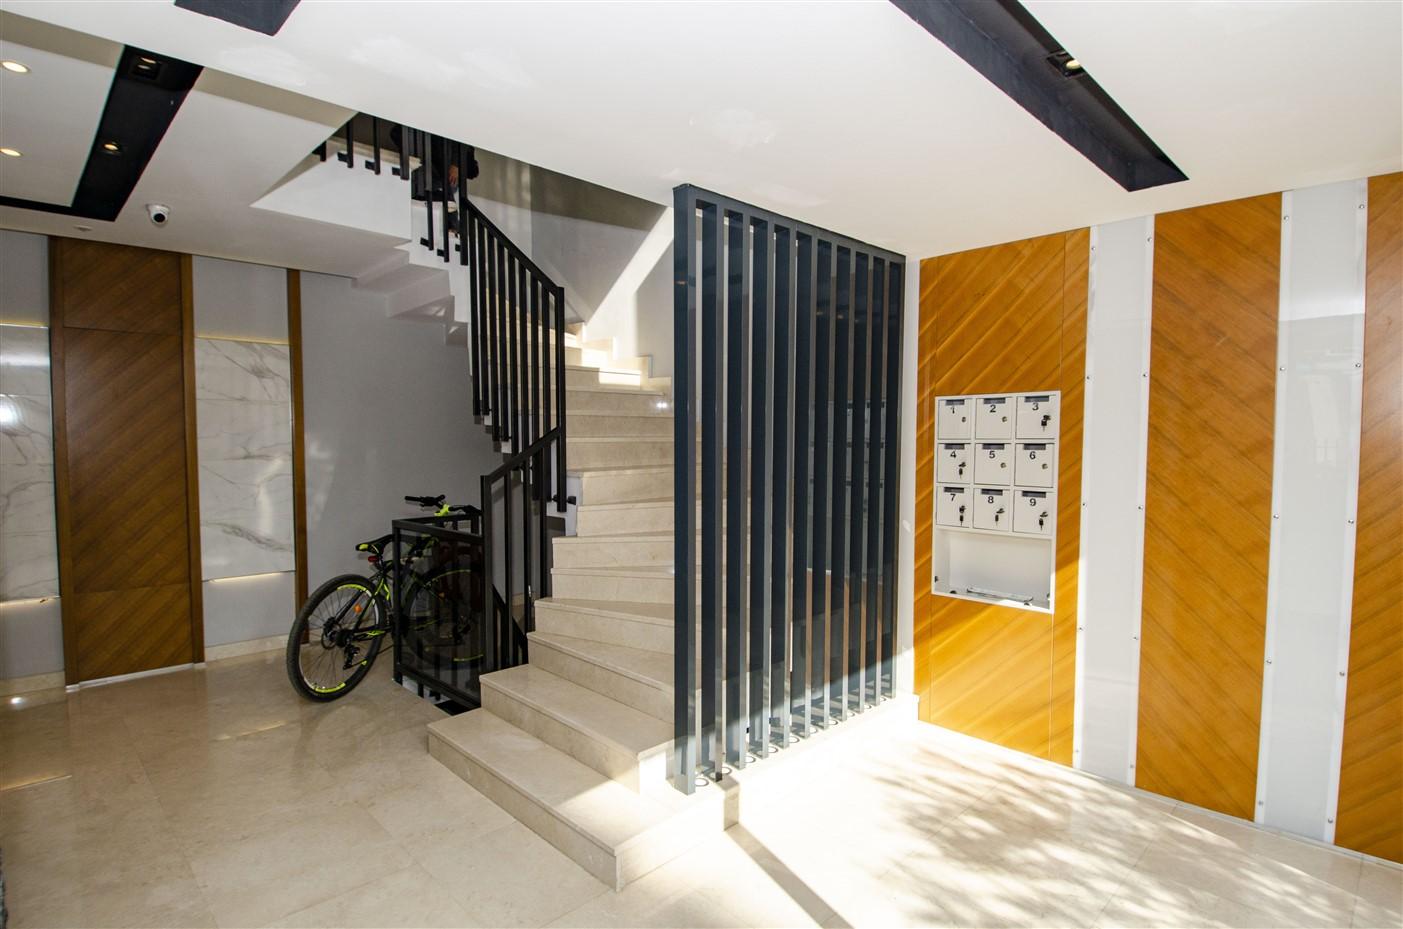 Новые апартаменты 2+1 в центре Анталии - Фото 8